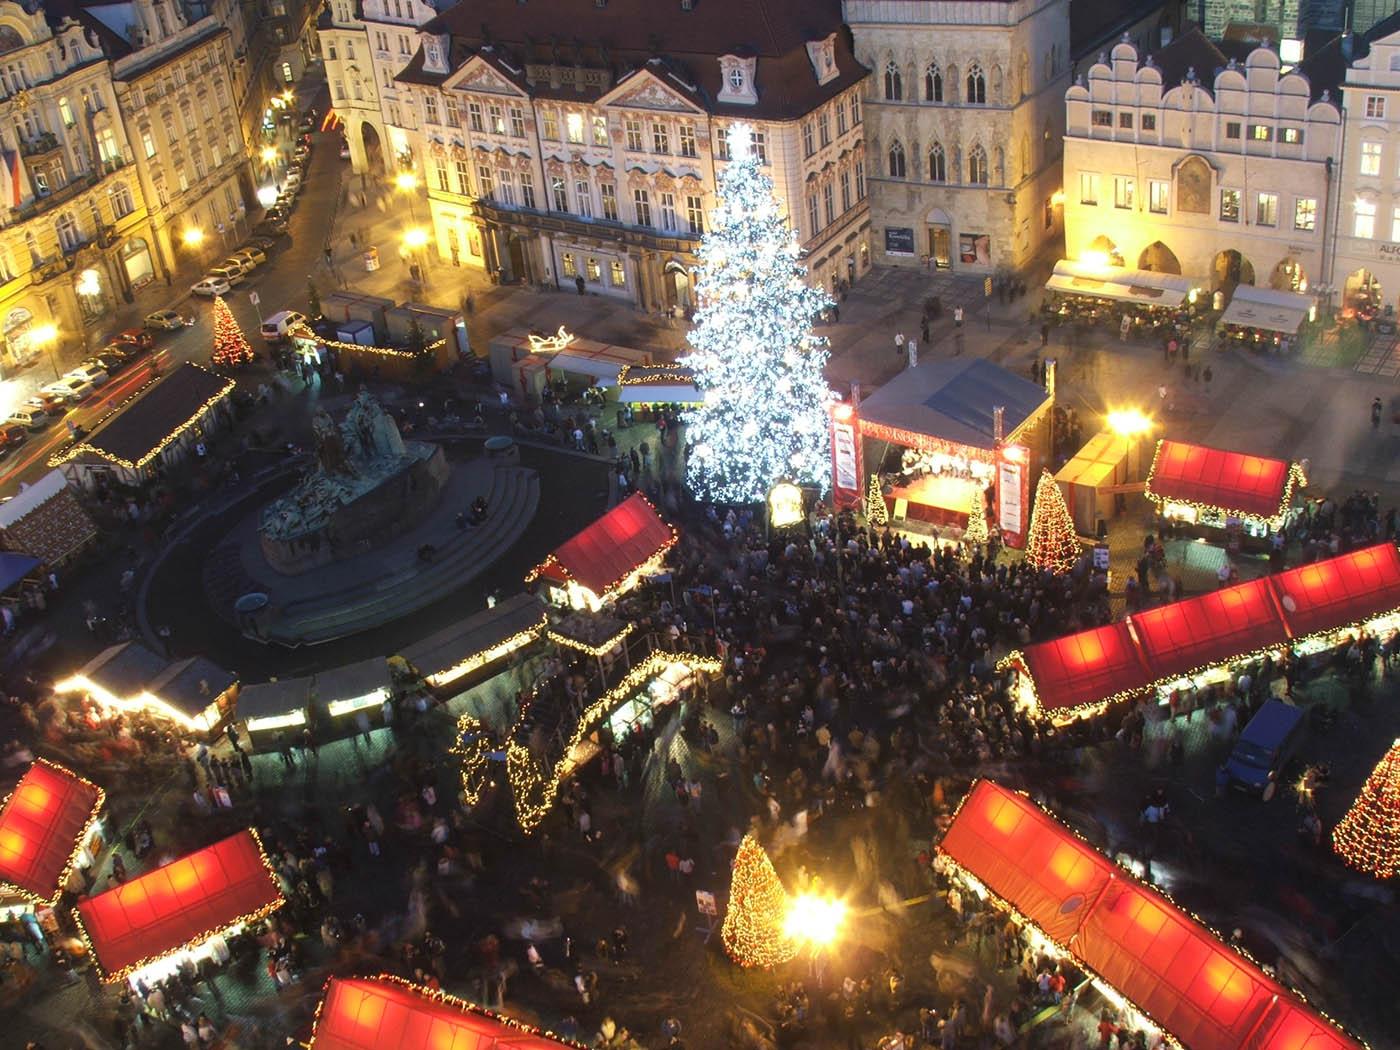 Praga, orașul celor 100 de turle! Vizitează-i piețele magice de Crăciun! 10